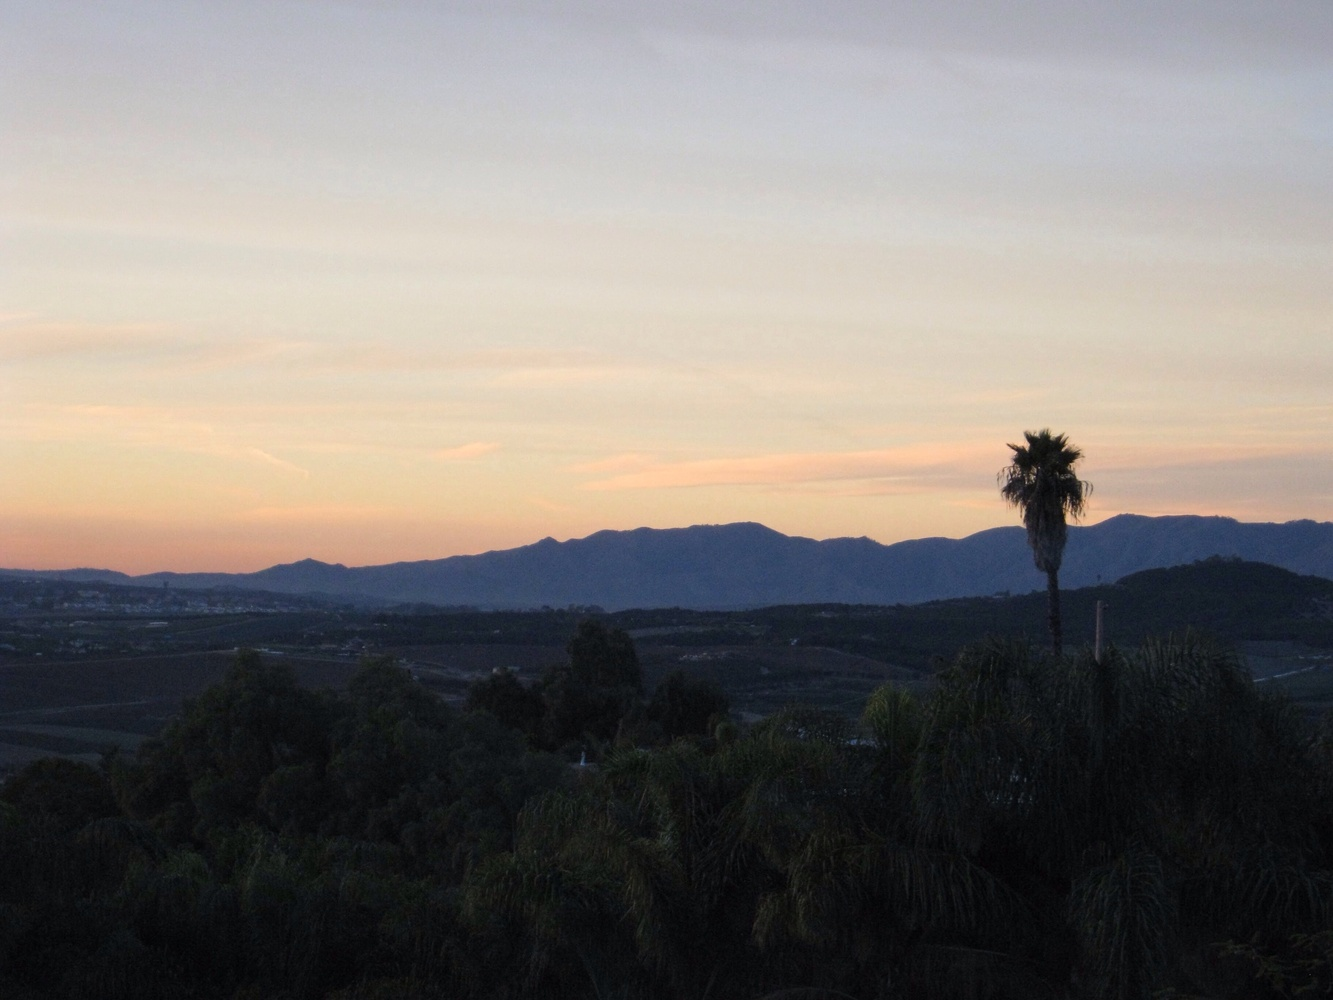 Vista View by Garrett Bentley